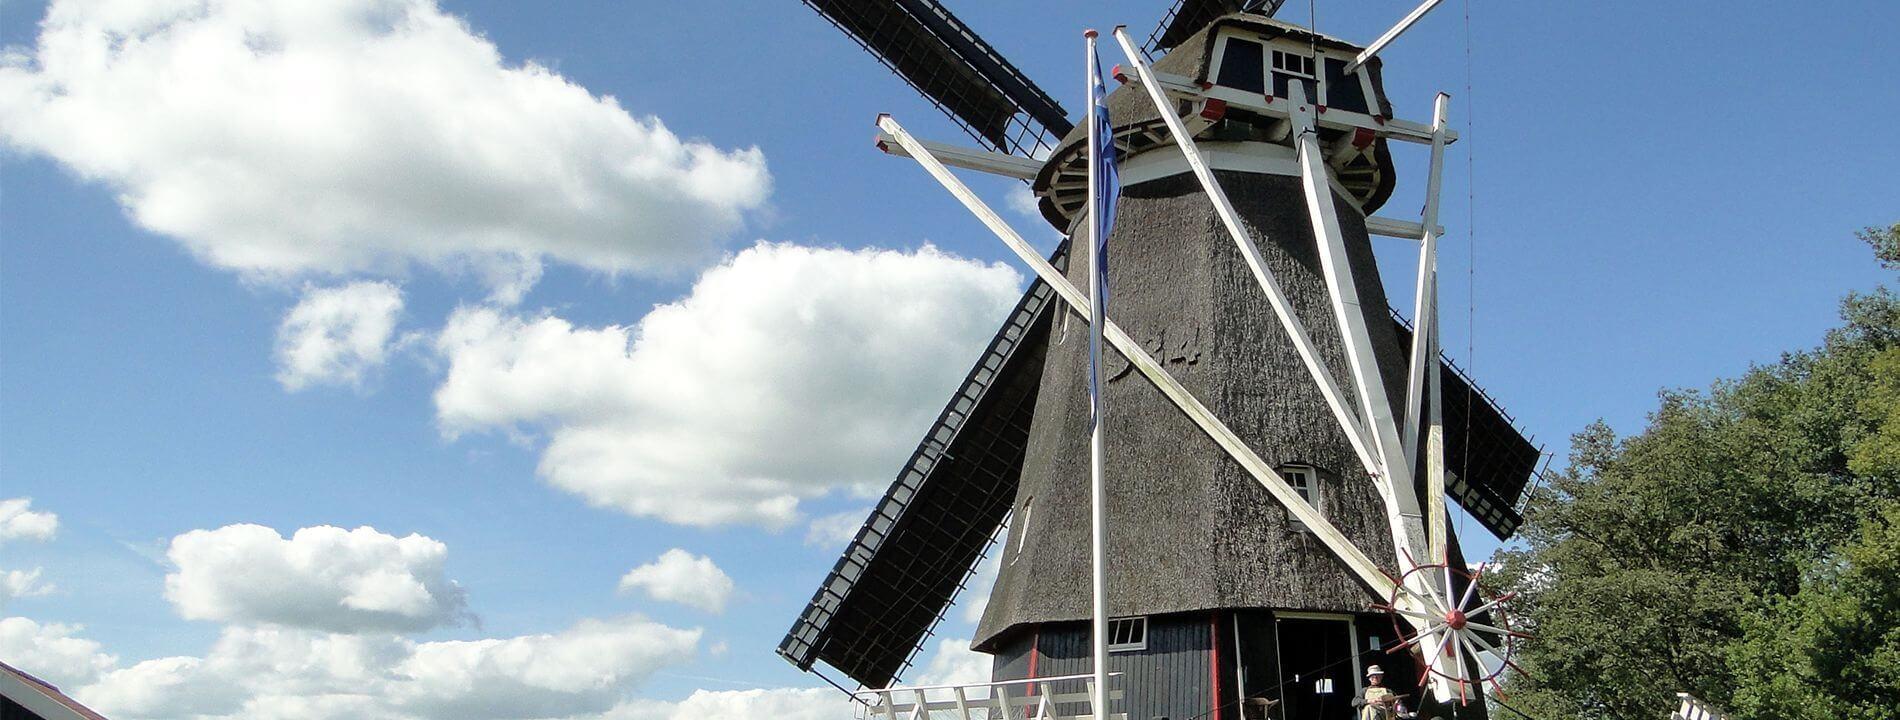 Welkom op de website van MolensinOverijssel.nl